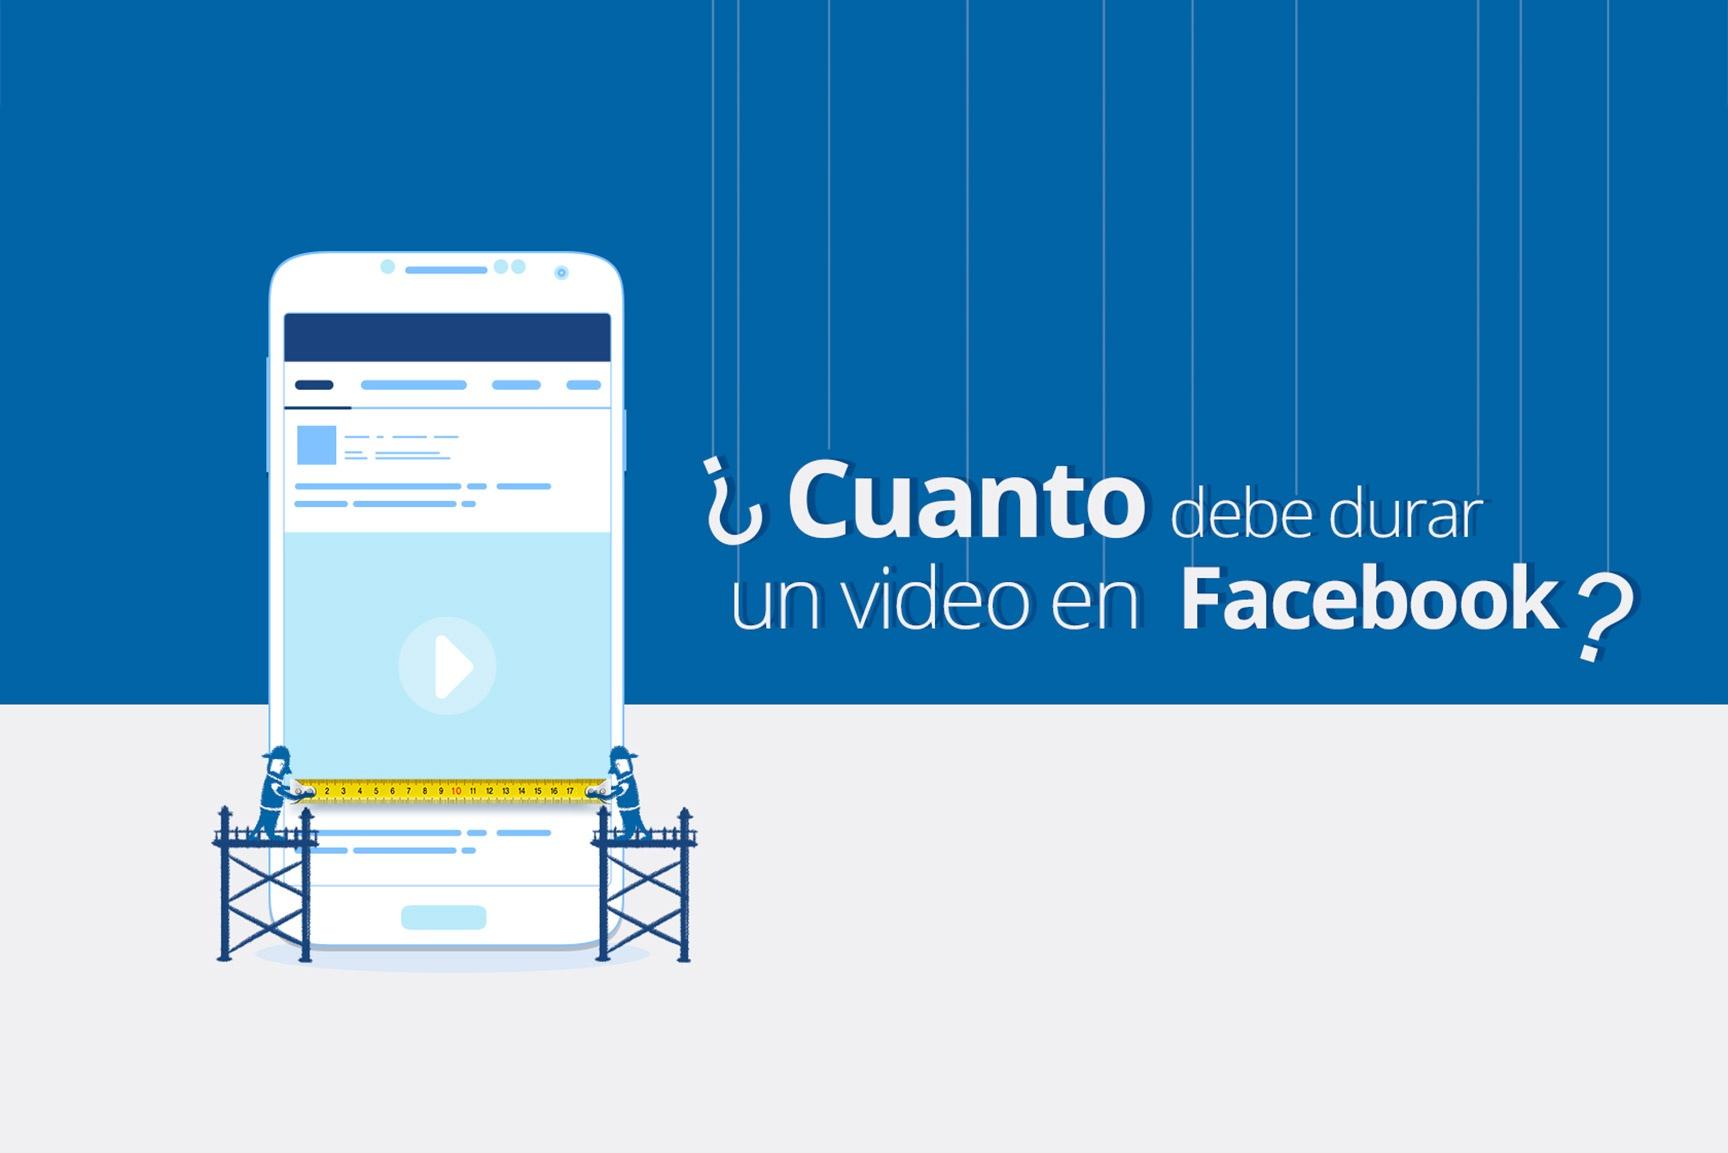 h_cuanto_debe_durar_un_video_de_facebook.jpg